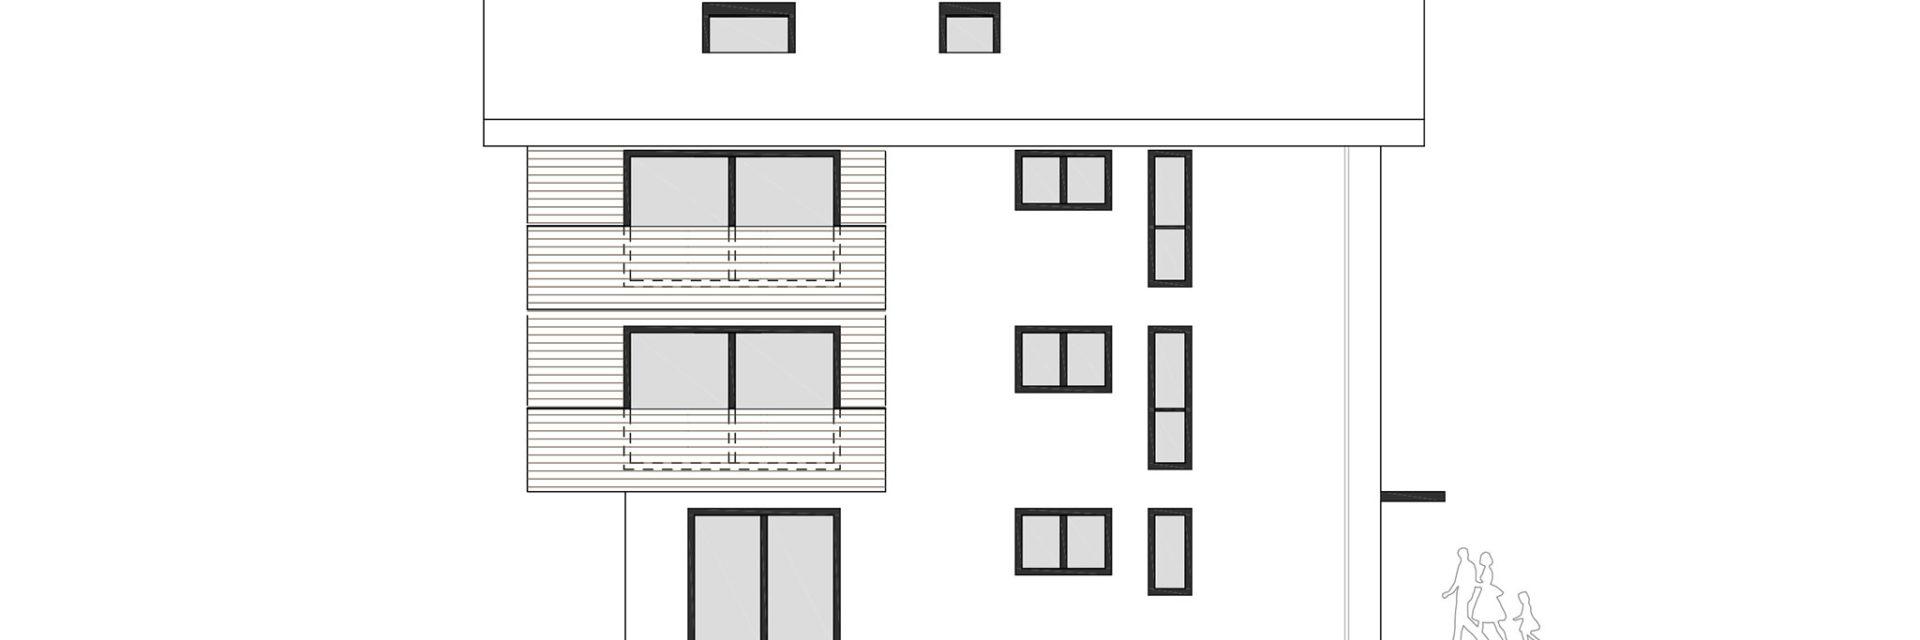 MFH Entwurf KE Stiftsstadt Ansicht